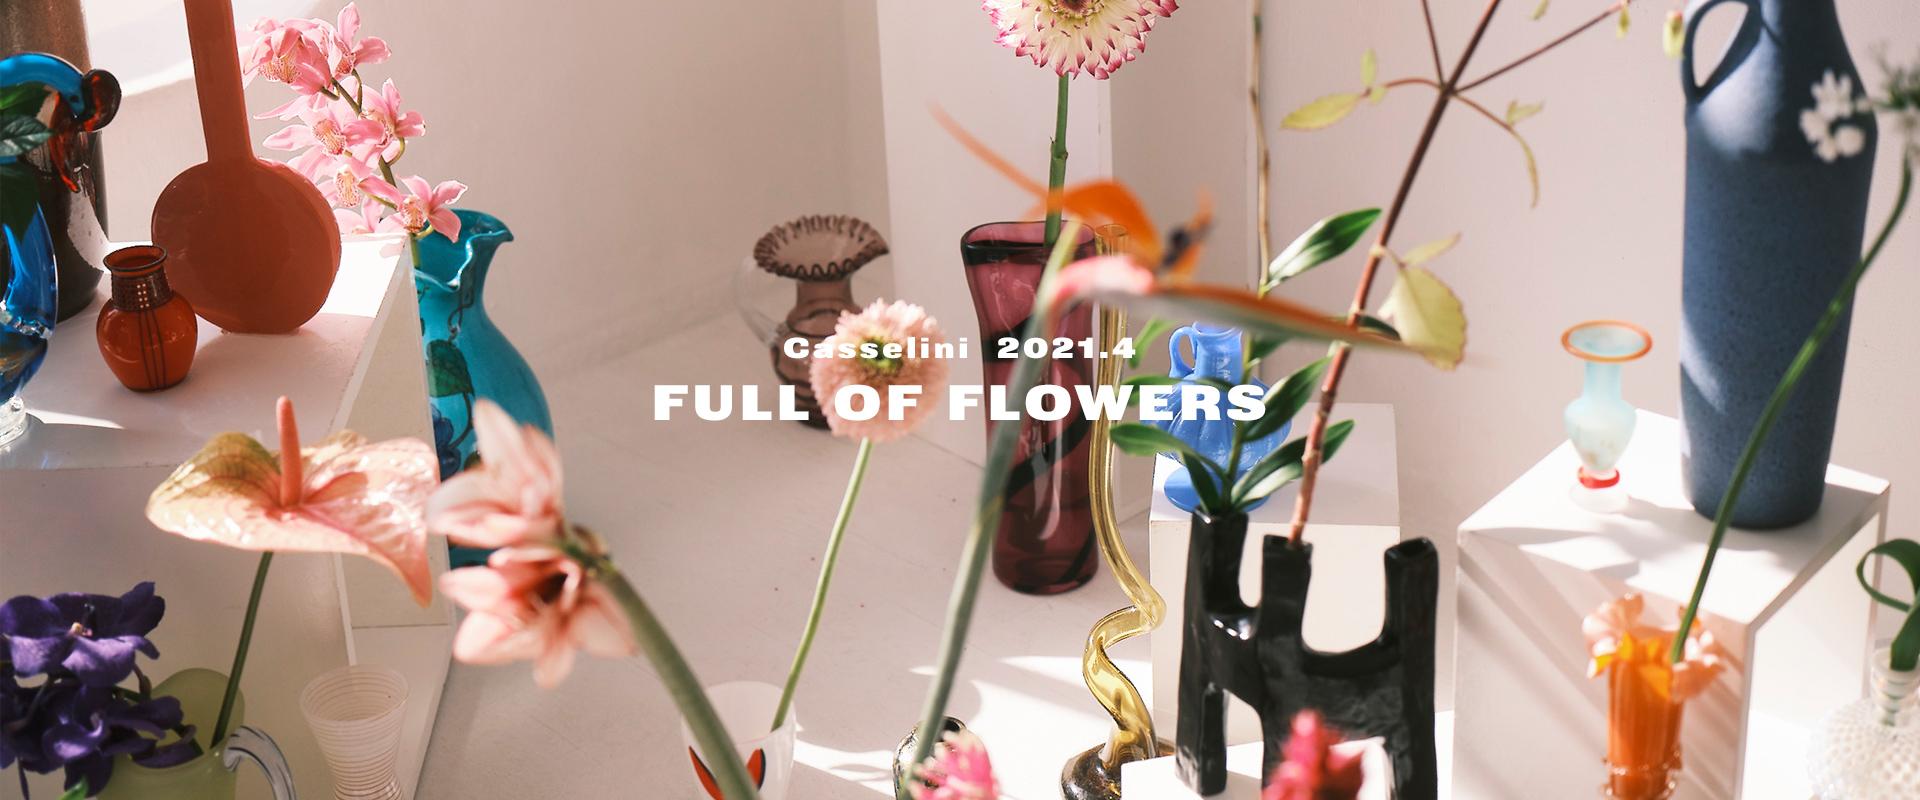 FULL OF FLOWER